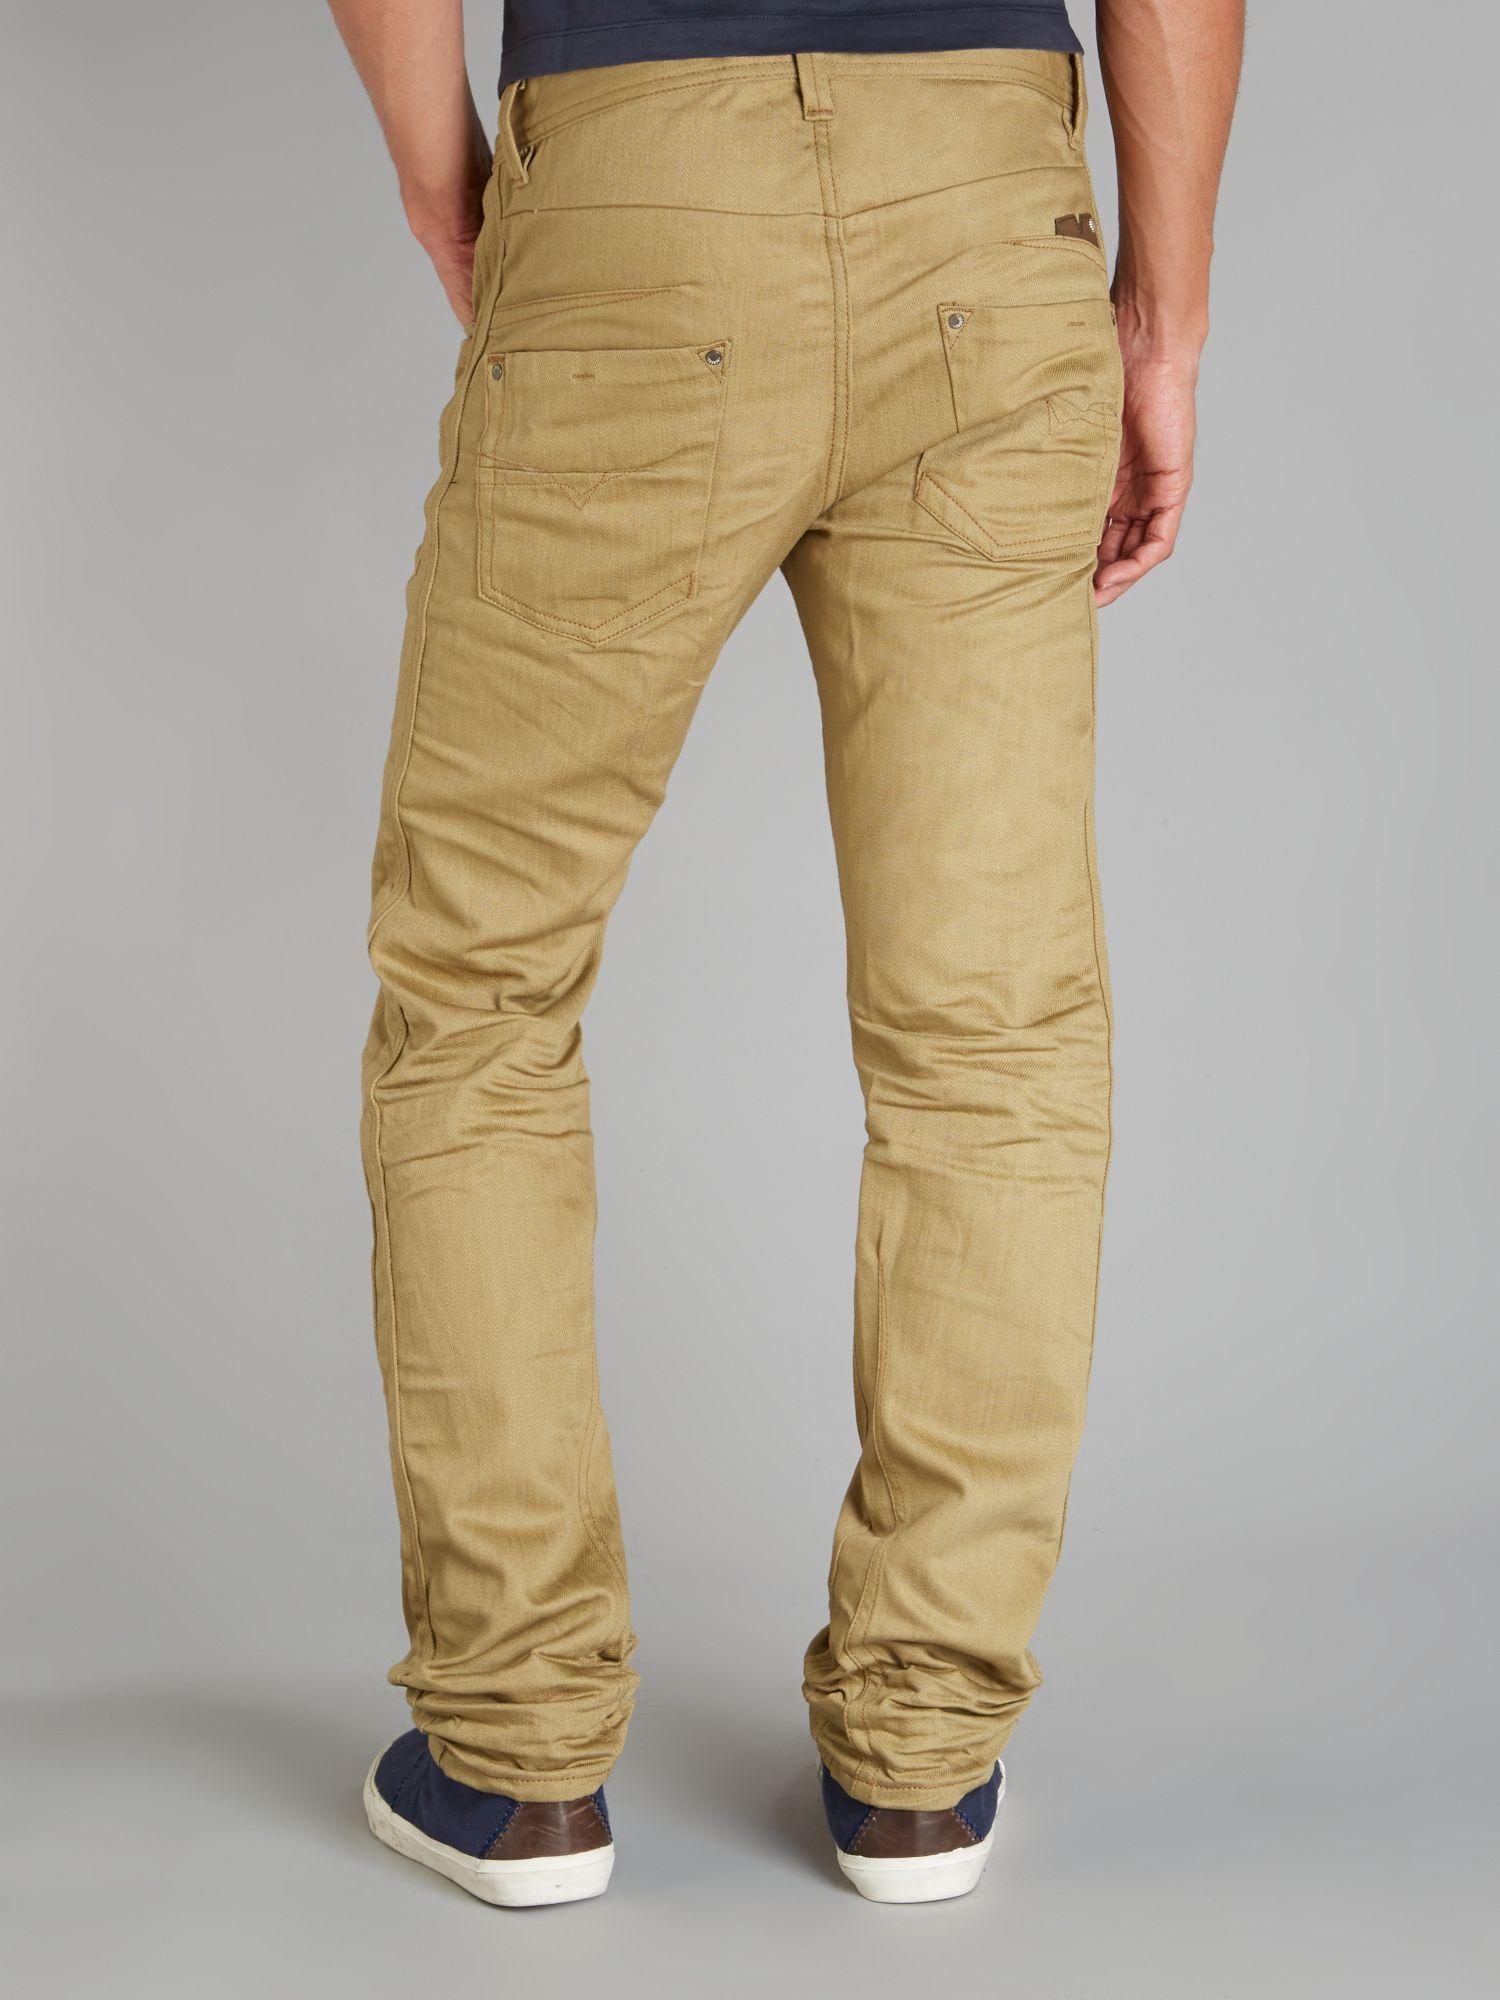 diesel darron 8qu regular slim fit jeans in natural for men lyst. Black Bedroom Furniture Sets. Home Design Ideas